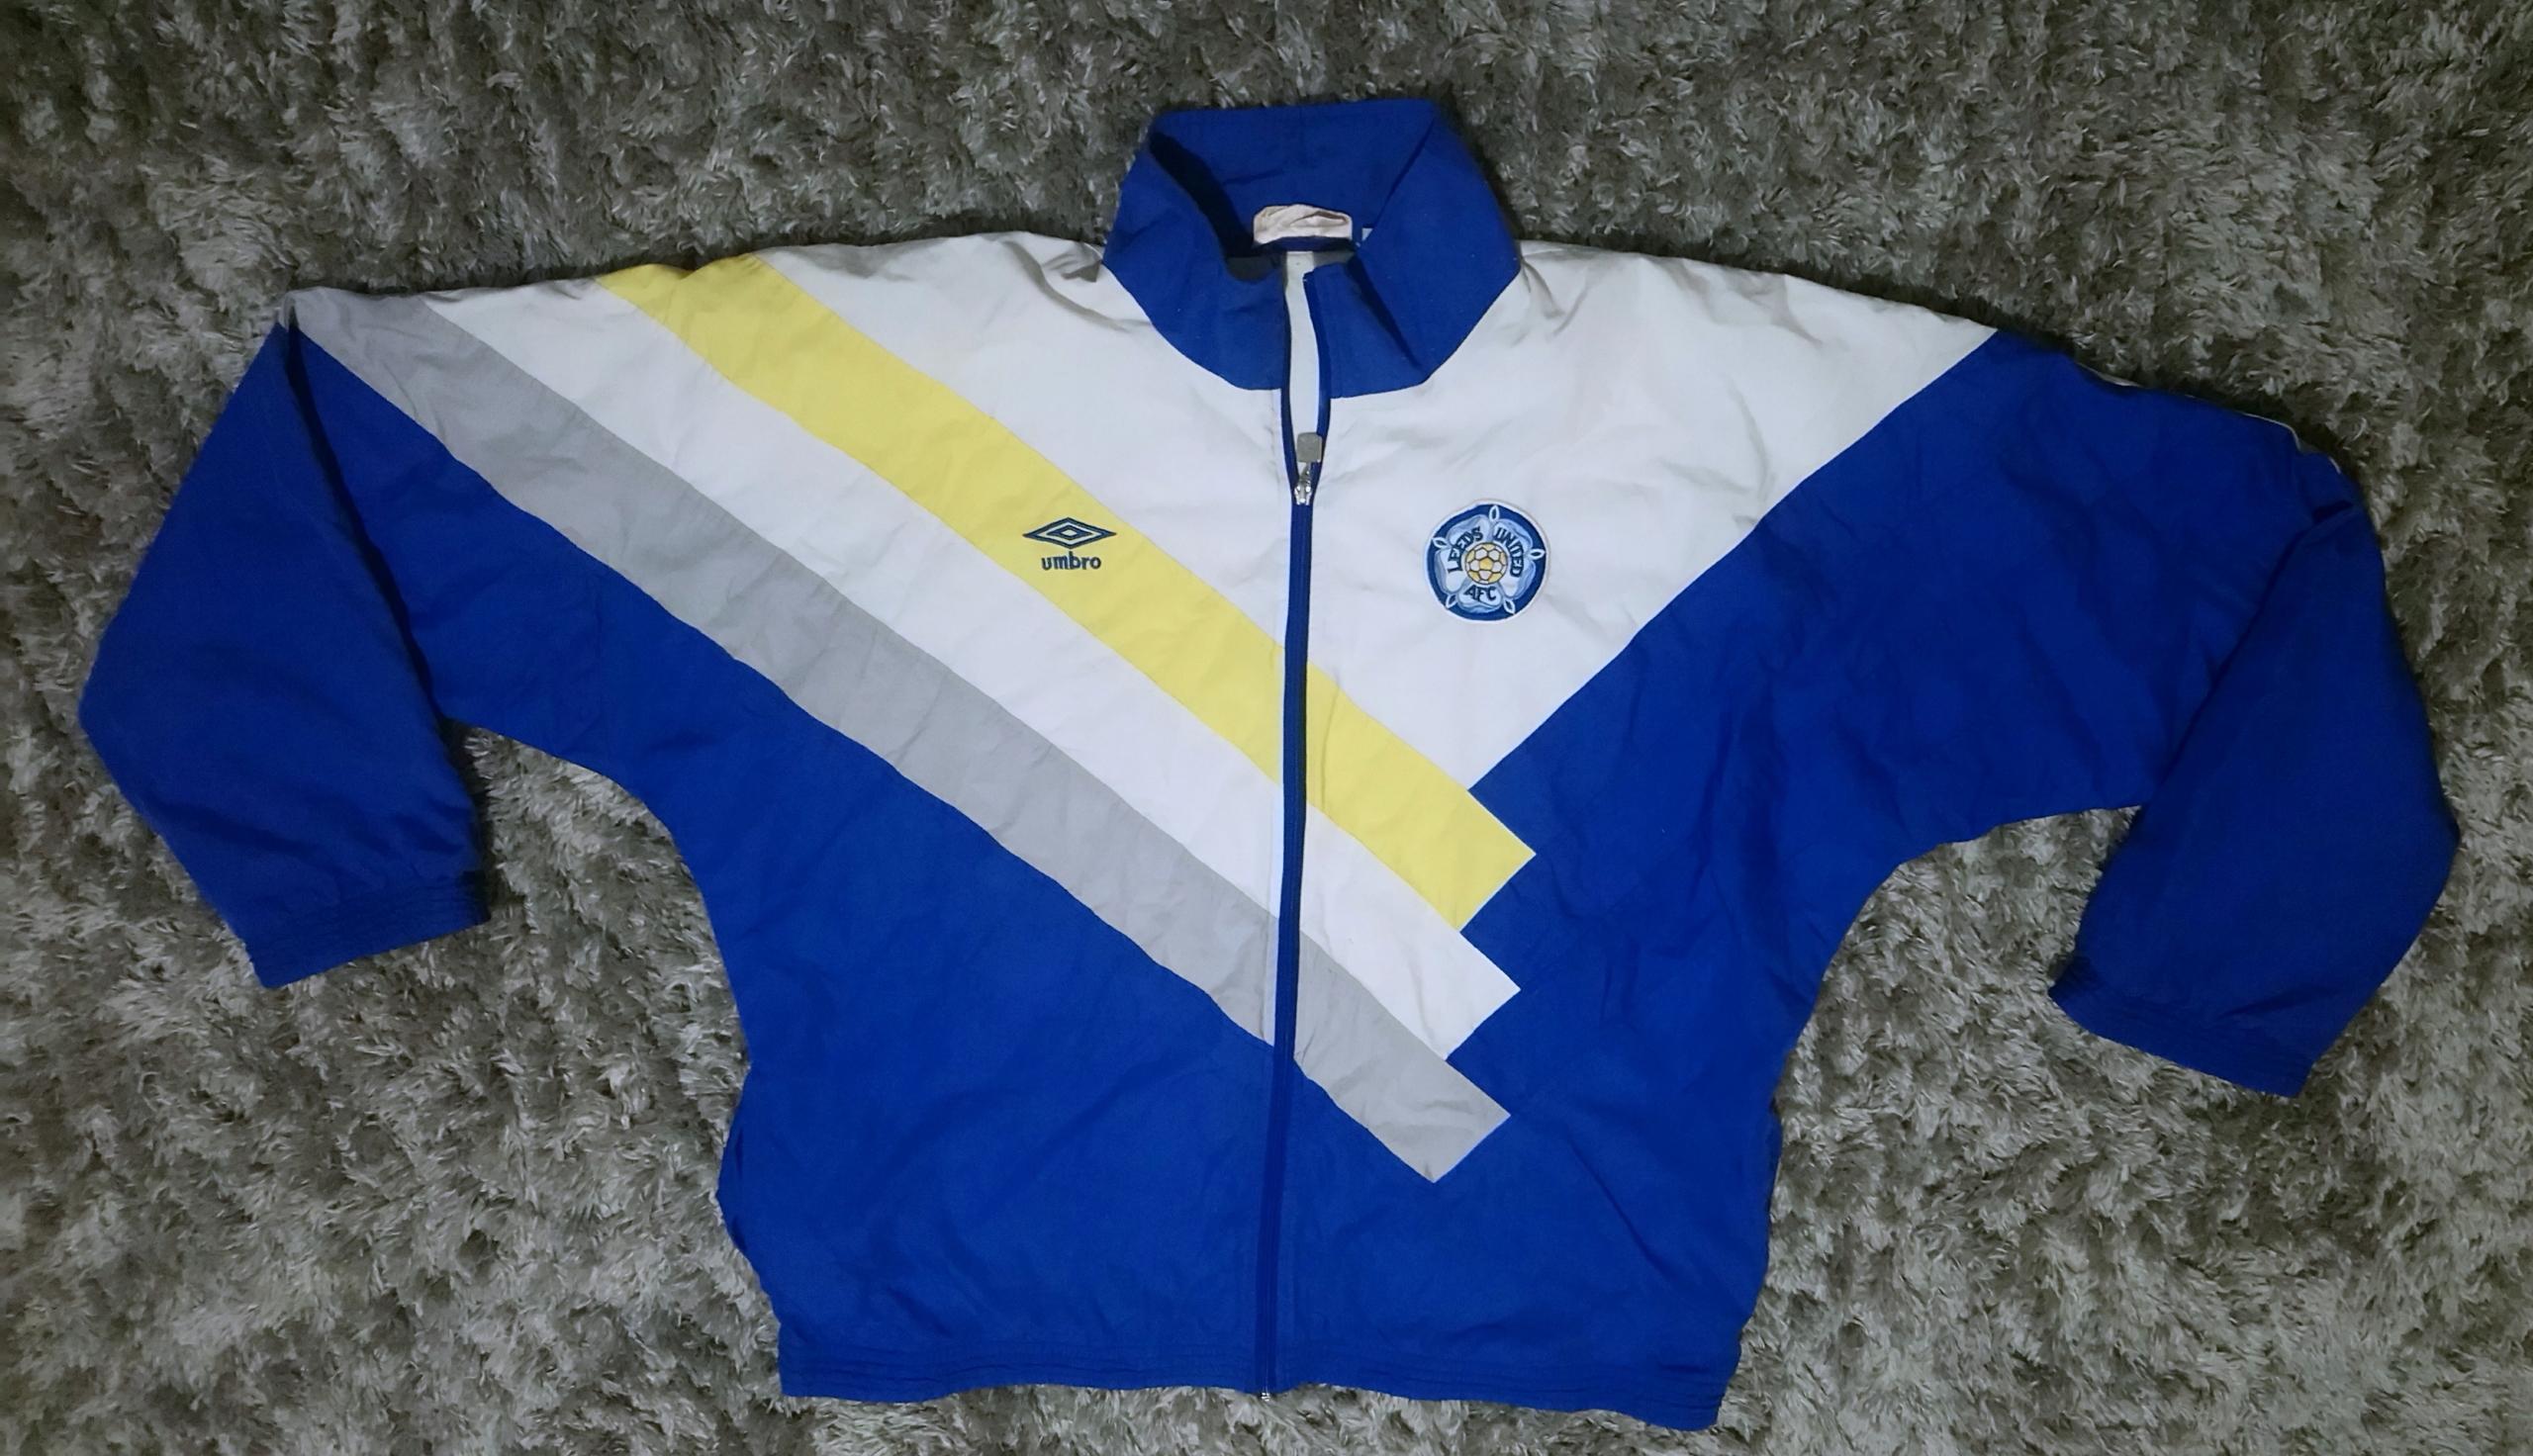 Umbro Leeds United Retro Classic L/XL